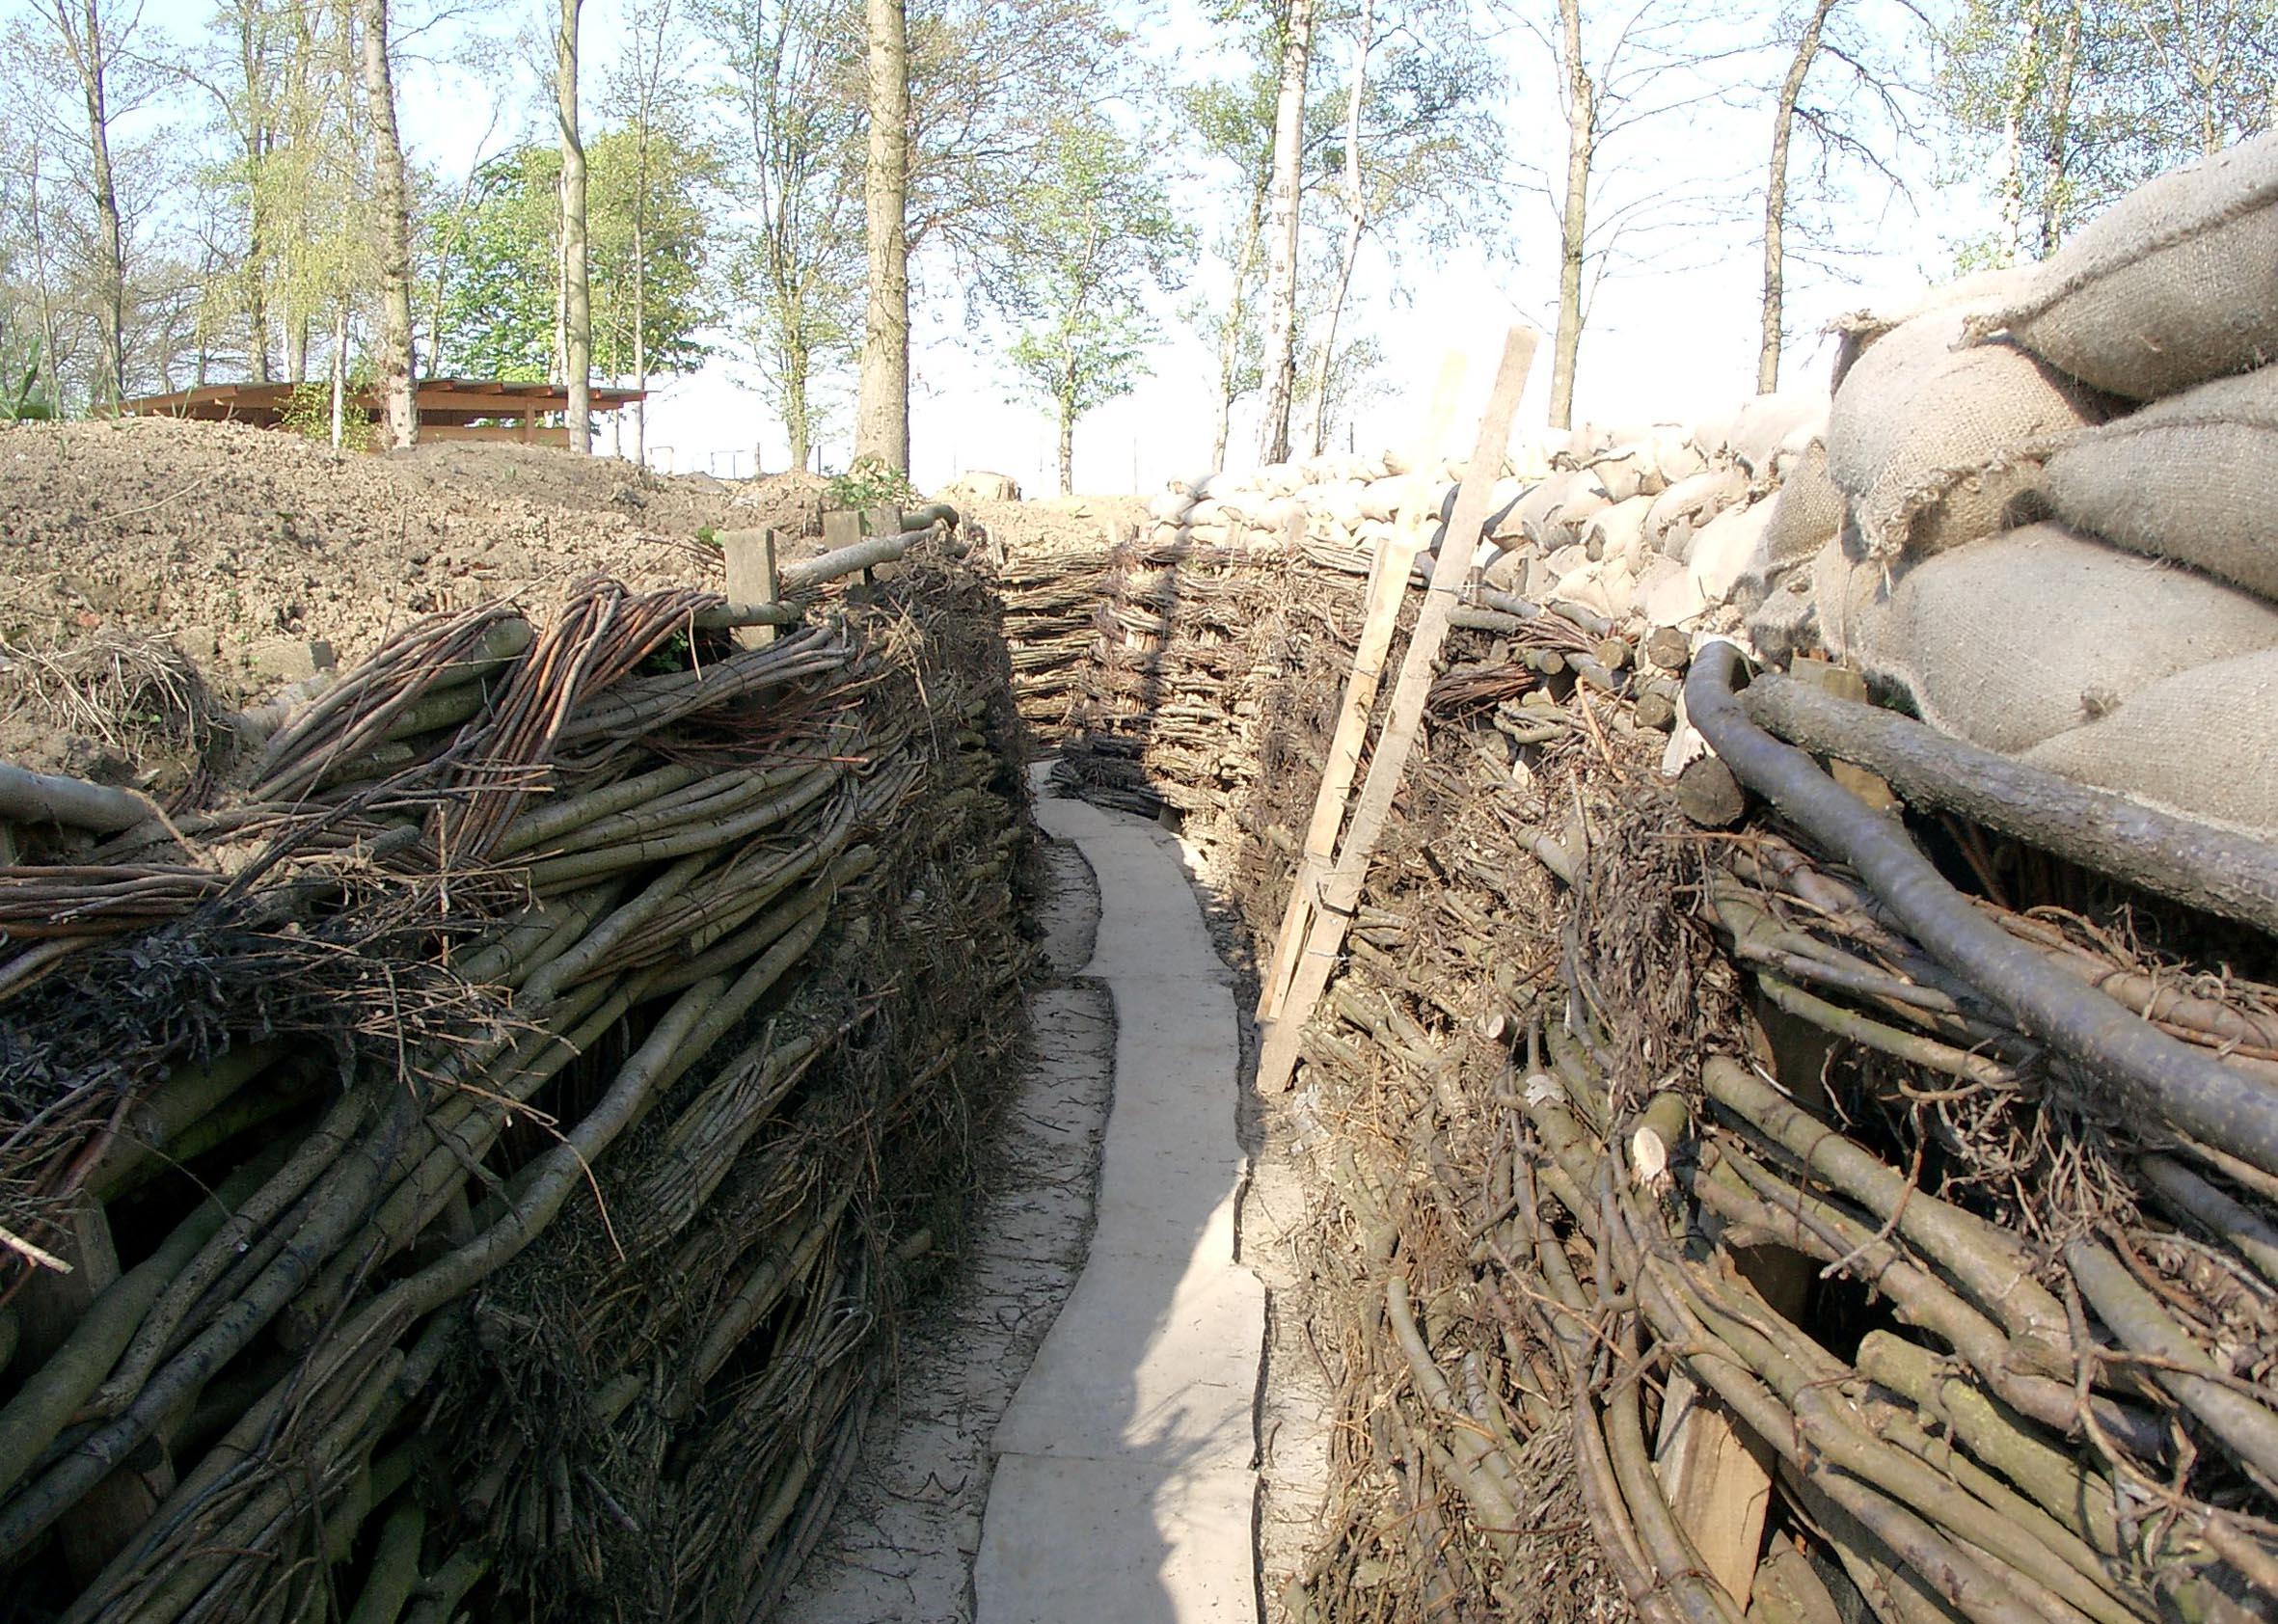 Wieder hergerichtete deutsche Schützengräben im Bayern-Wald